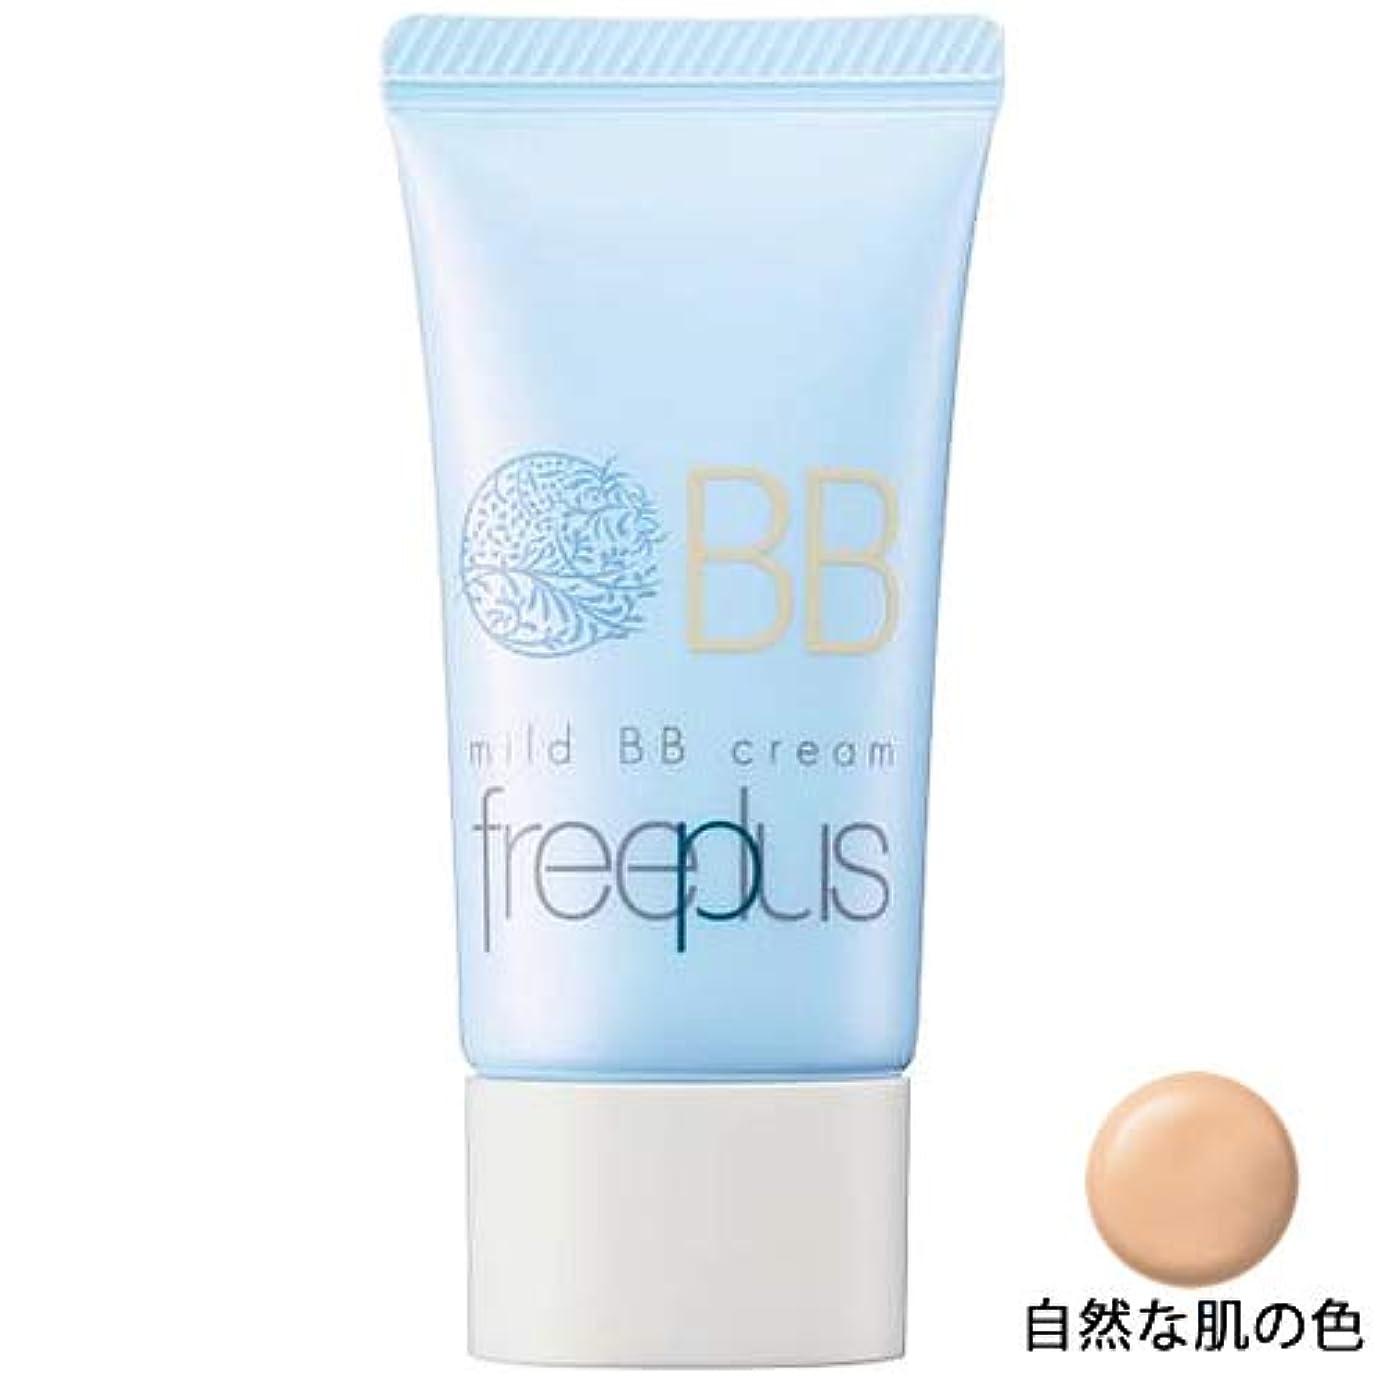 マント収縮改革フリープラス FREEPLUS フリープラス マイルドBBクリーム 30g [並行輸入品]